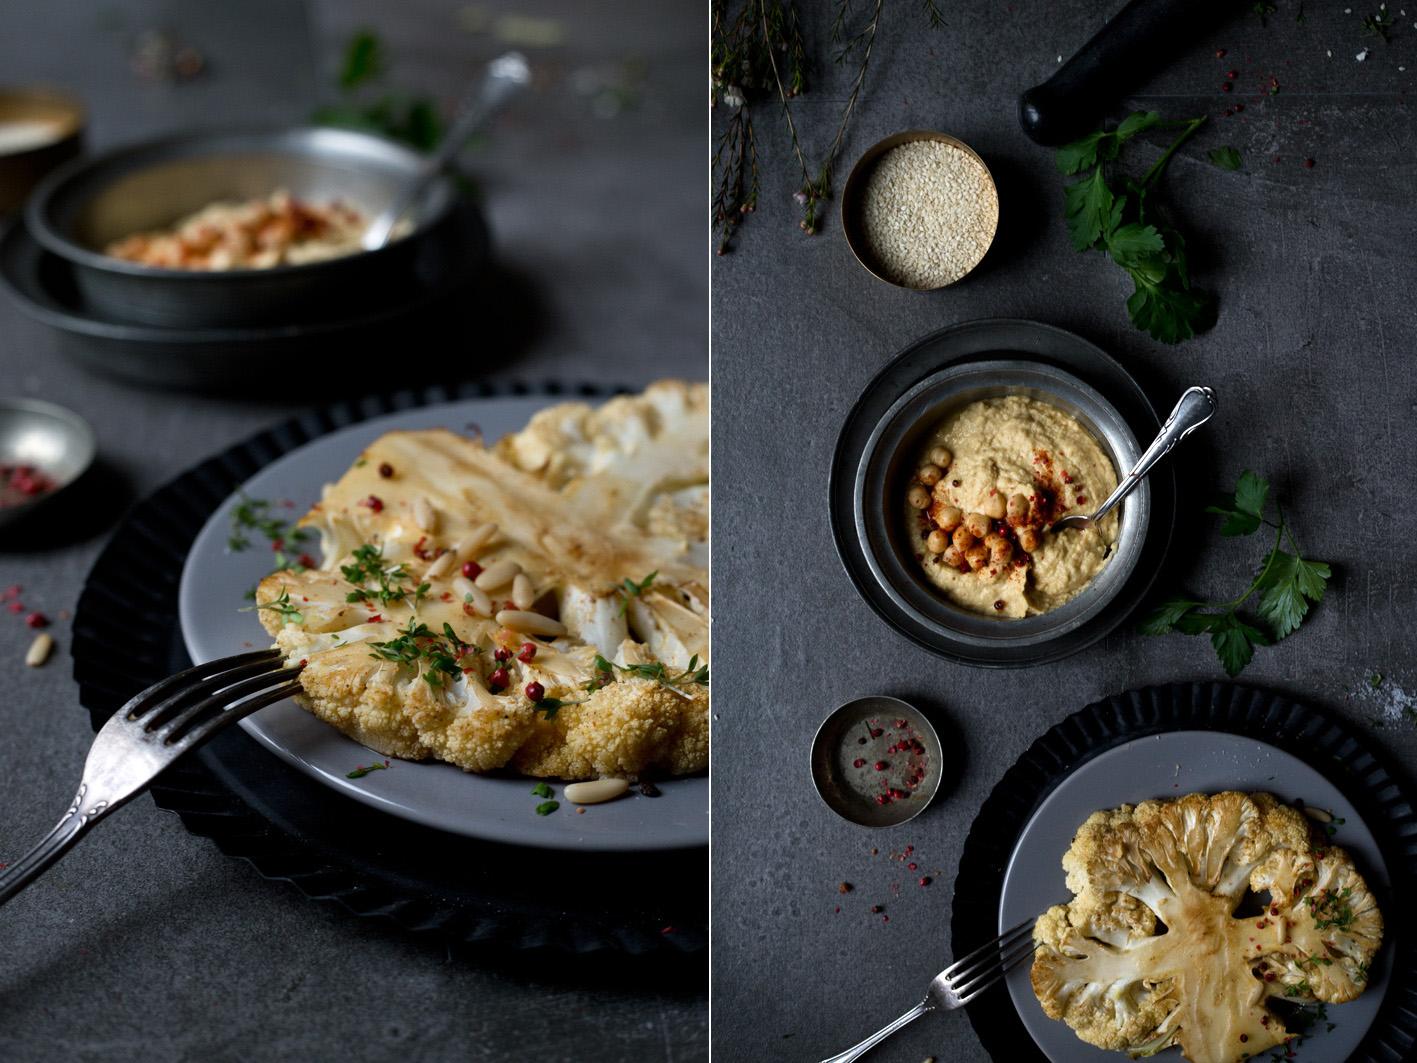 gebratener Blumenkohl mit hummus